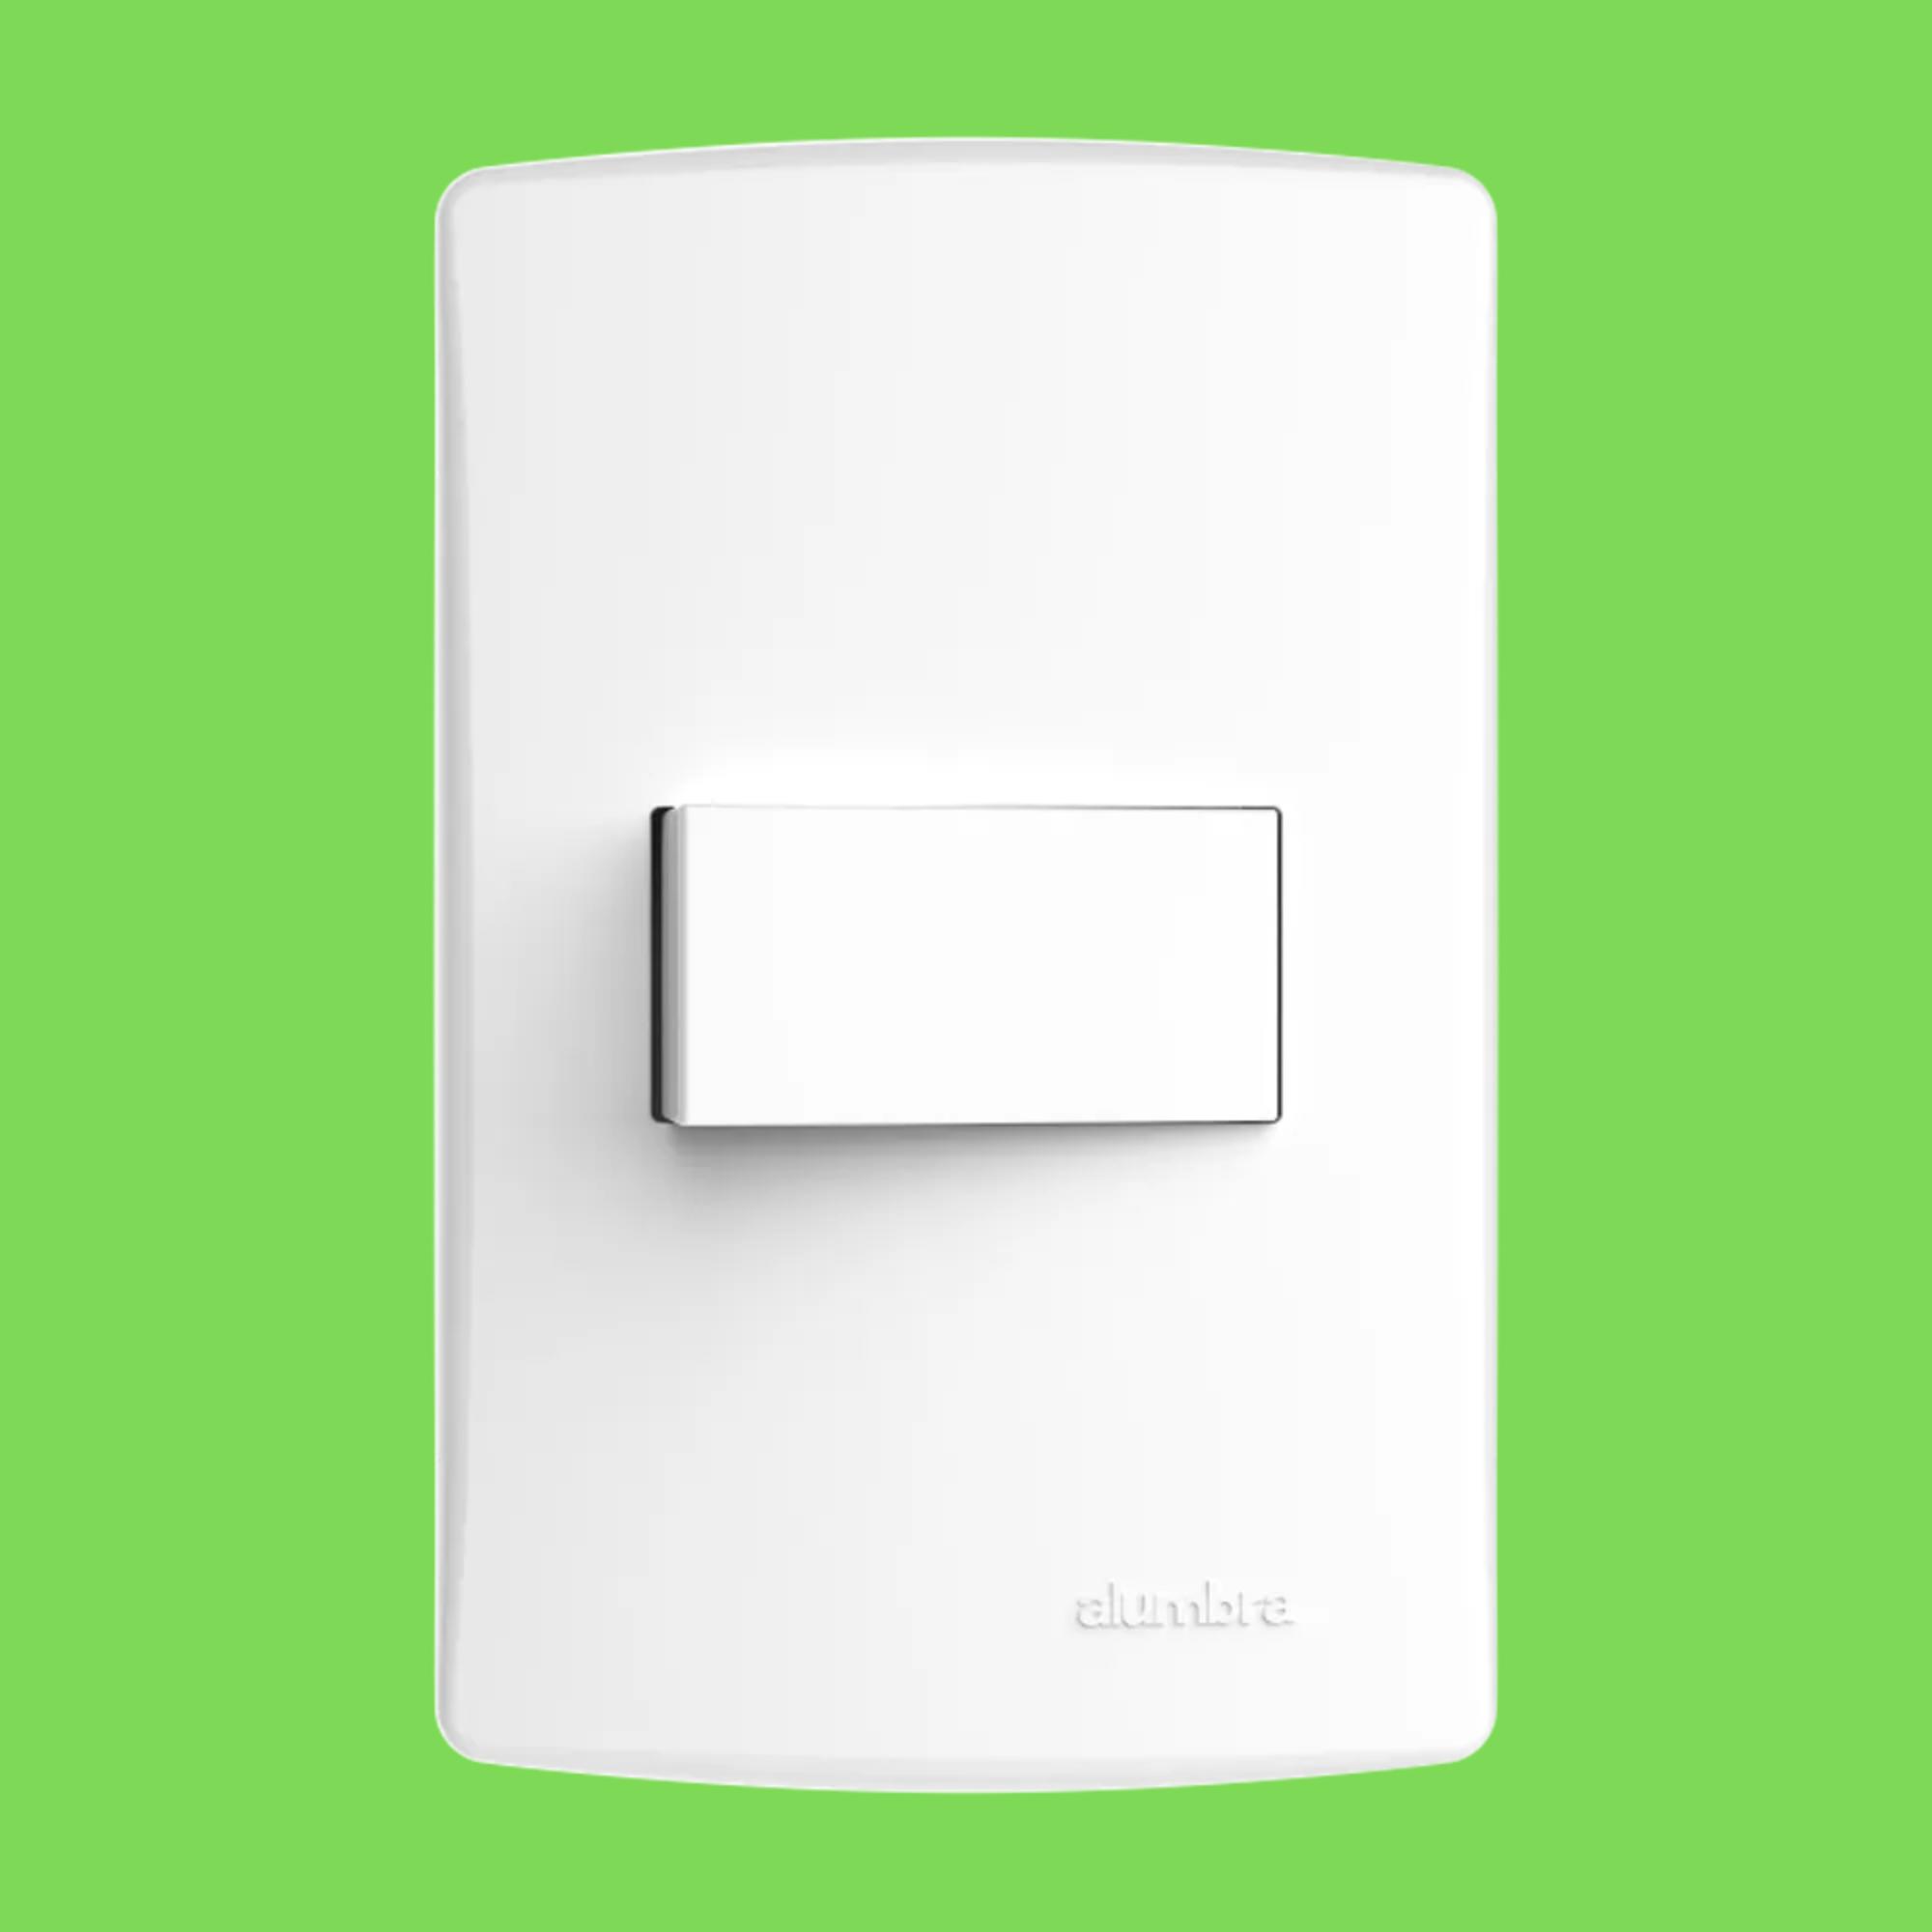 Kit 5 und Alumbra Bianco Pró 1 Seção de Interruptor Simples Com Placa